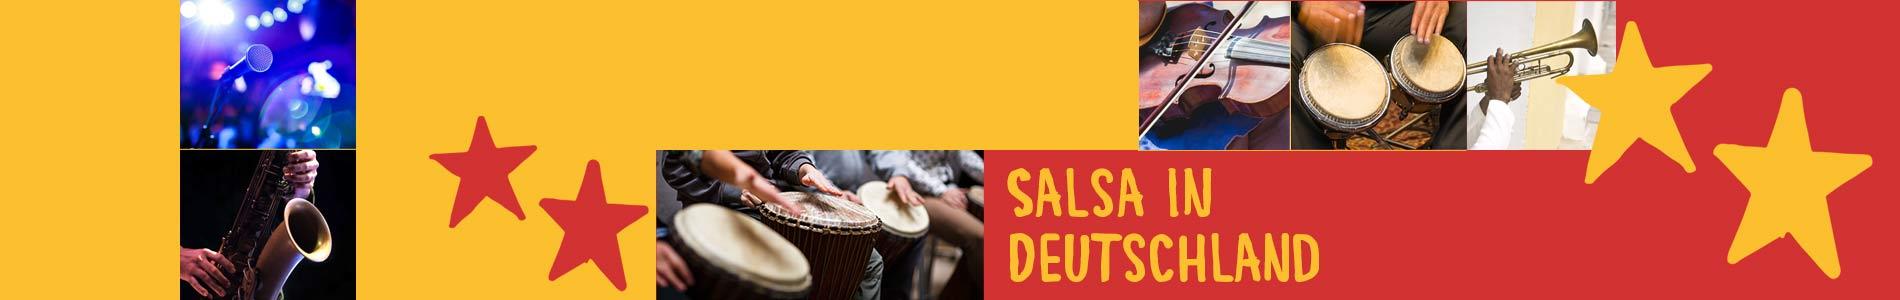 Salsa in Coppenbrügge – Salsa lernen und tanzen, Tanzkurse, Partys, Veranstaltungen